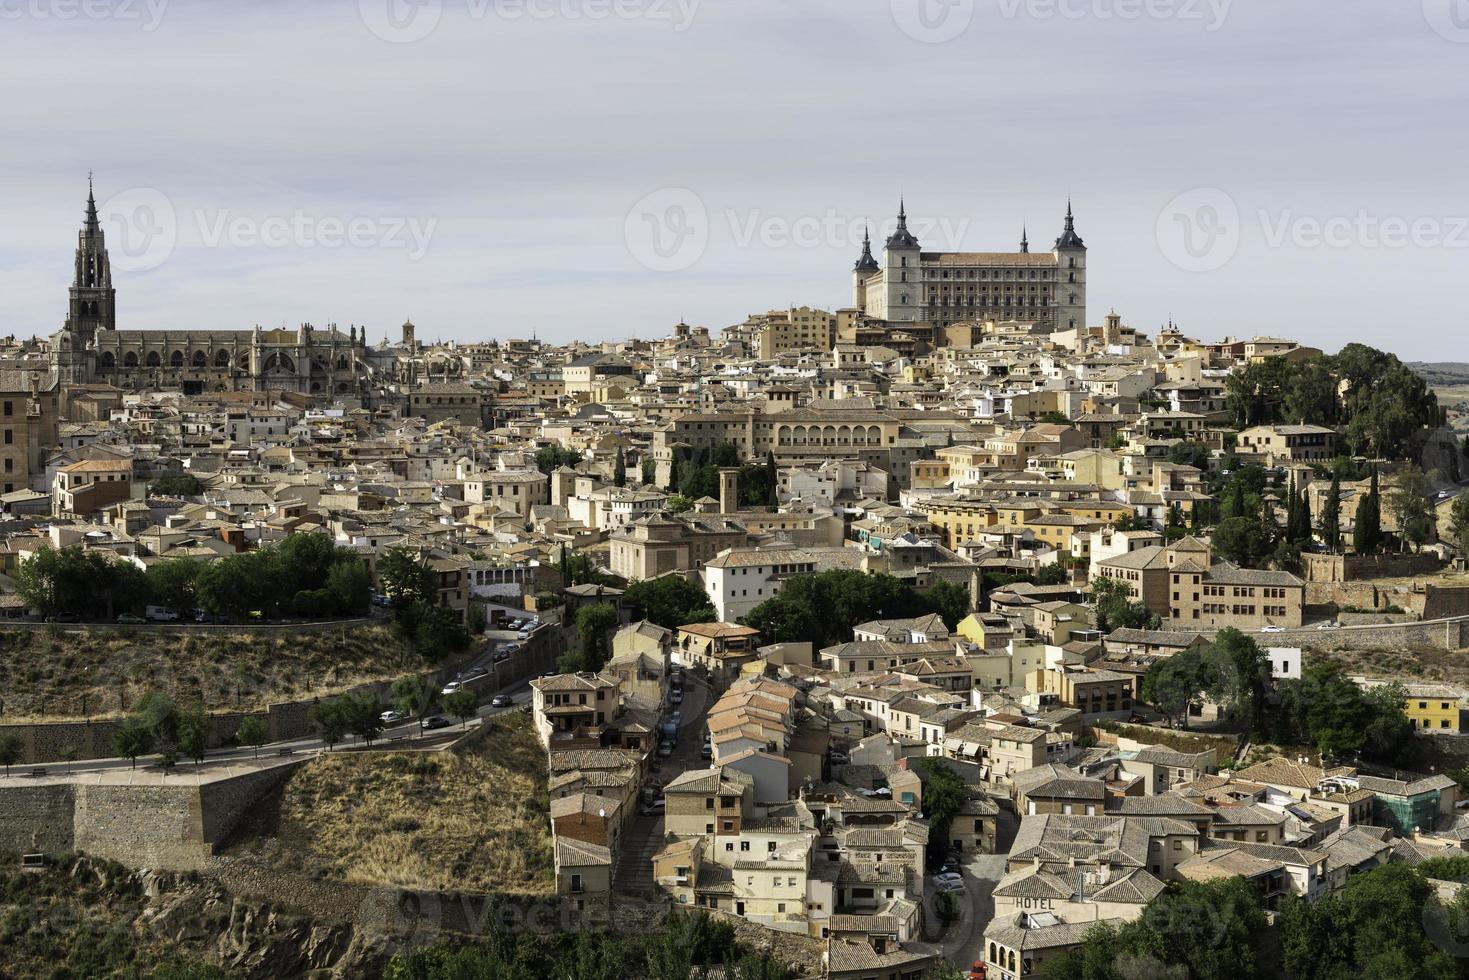 alcazar, katedralen och stadsbilden av toledo, Spanien foto